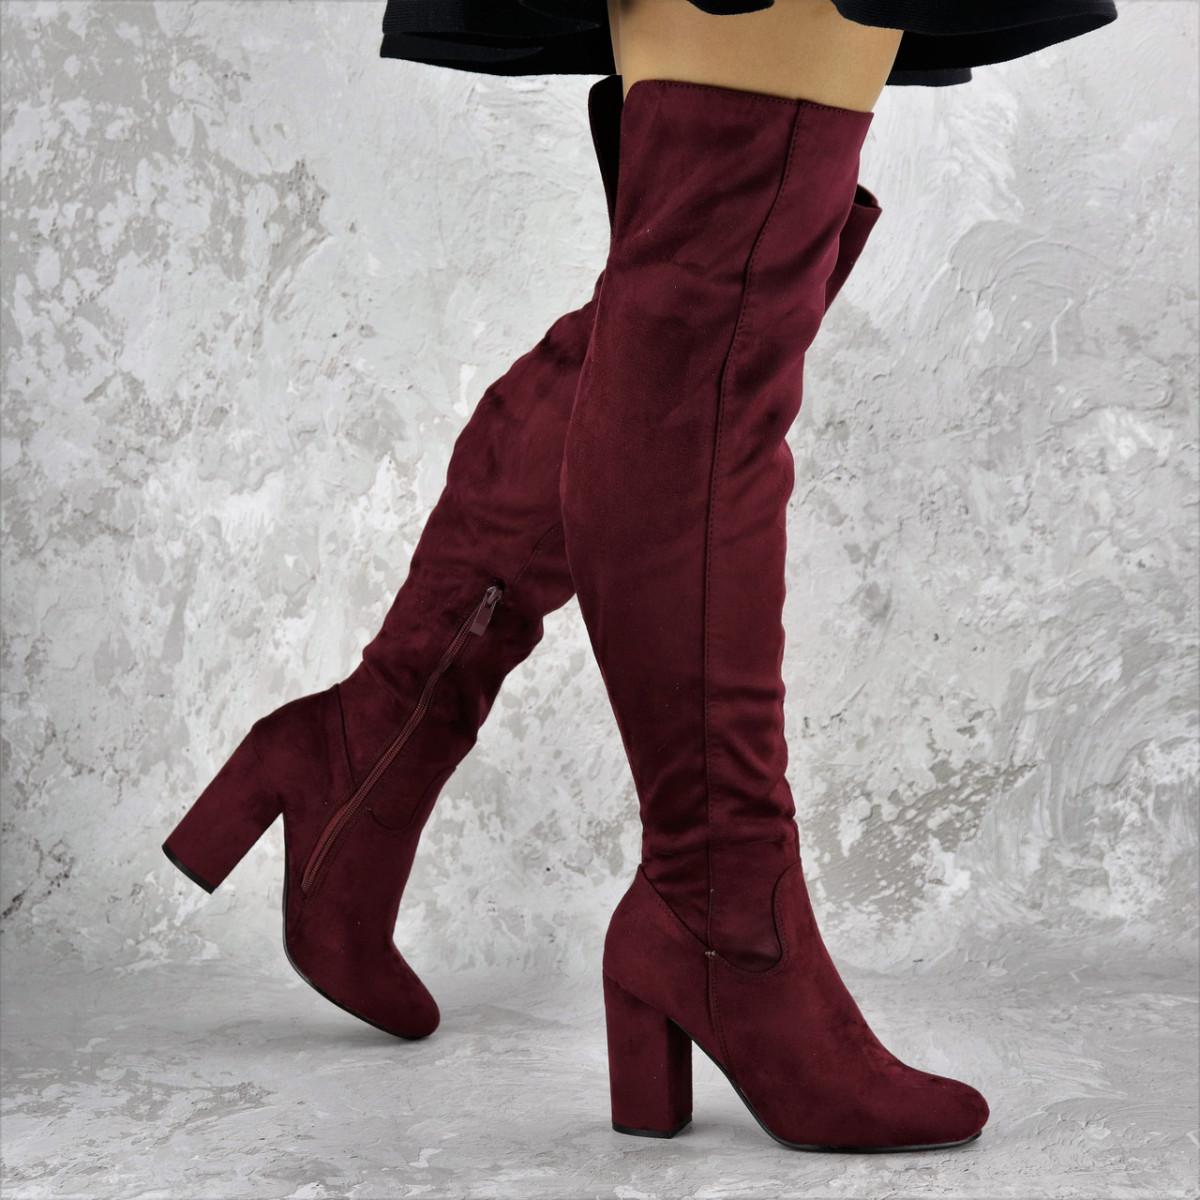 Женские ботфорты Caitlyn бордовые на каблуке 1442 (36 размер)